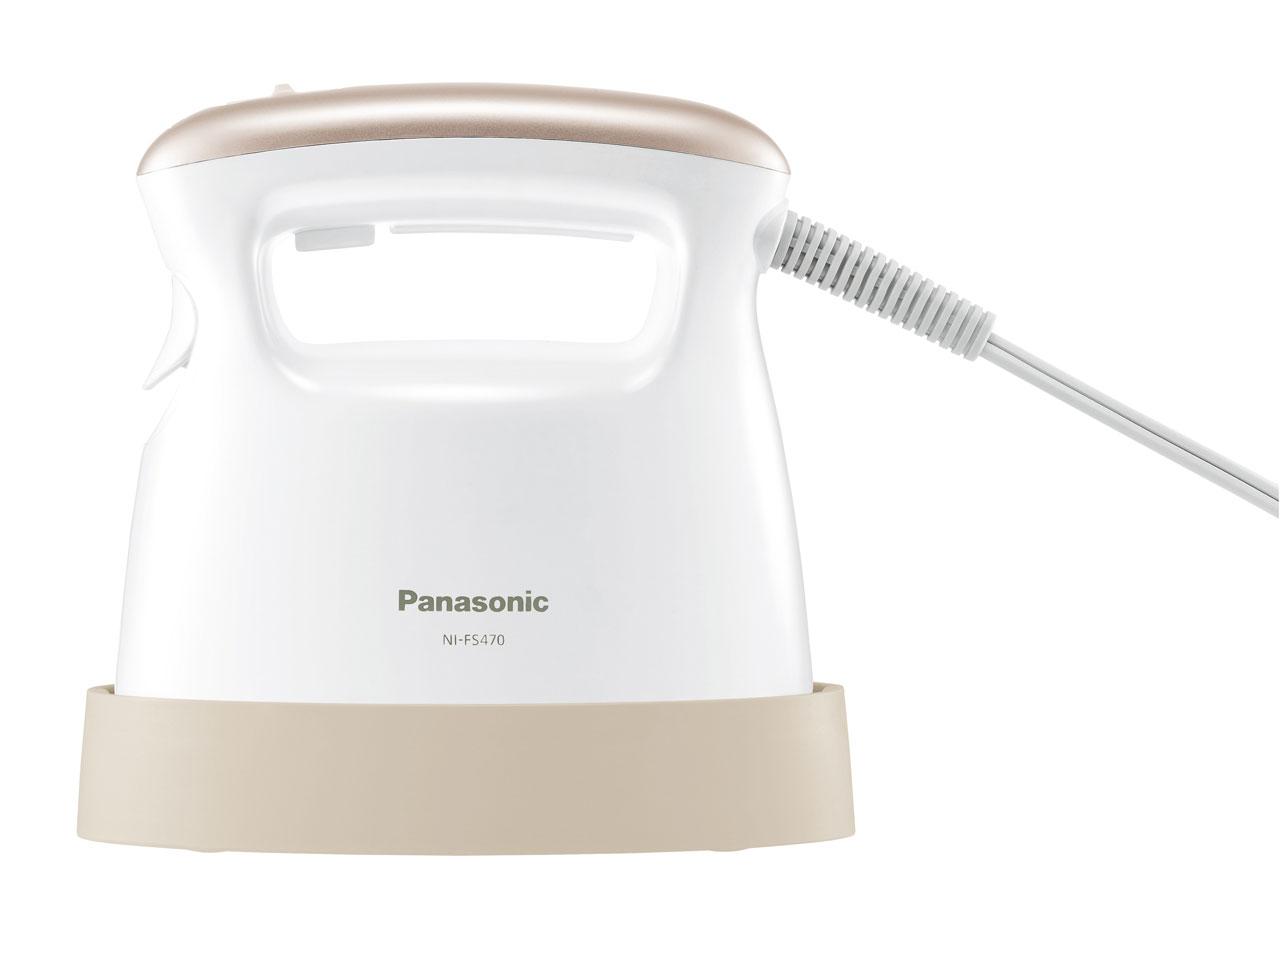 日本直送 Panasonic 國際牌 手持蒸氣電熨斗 蒸氣電熨斗 迷你掛燙機 殺菌脫臭 白 NI-FS470 ni fs470